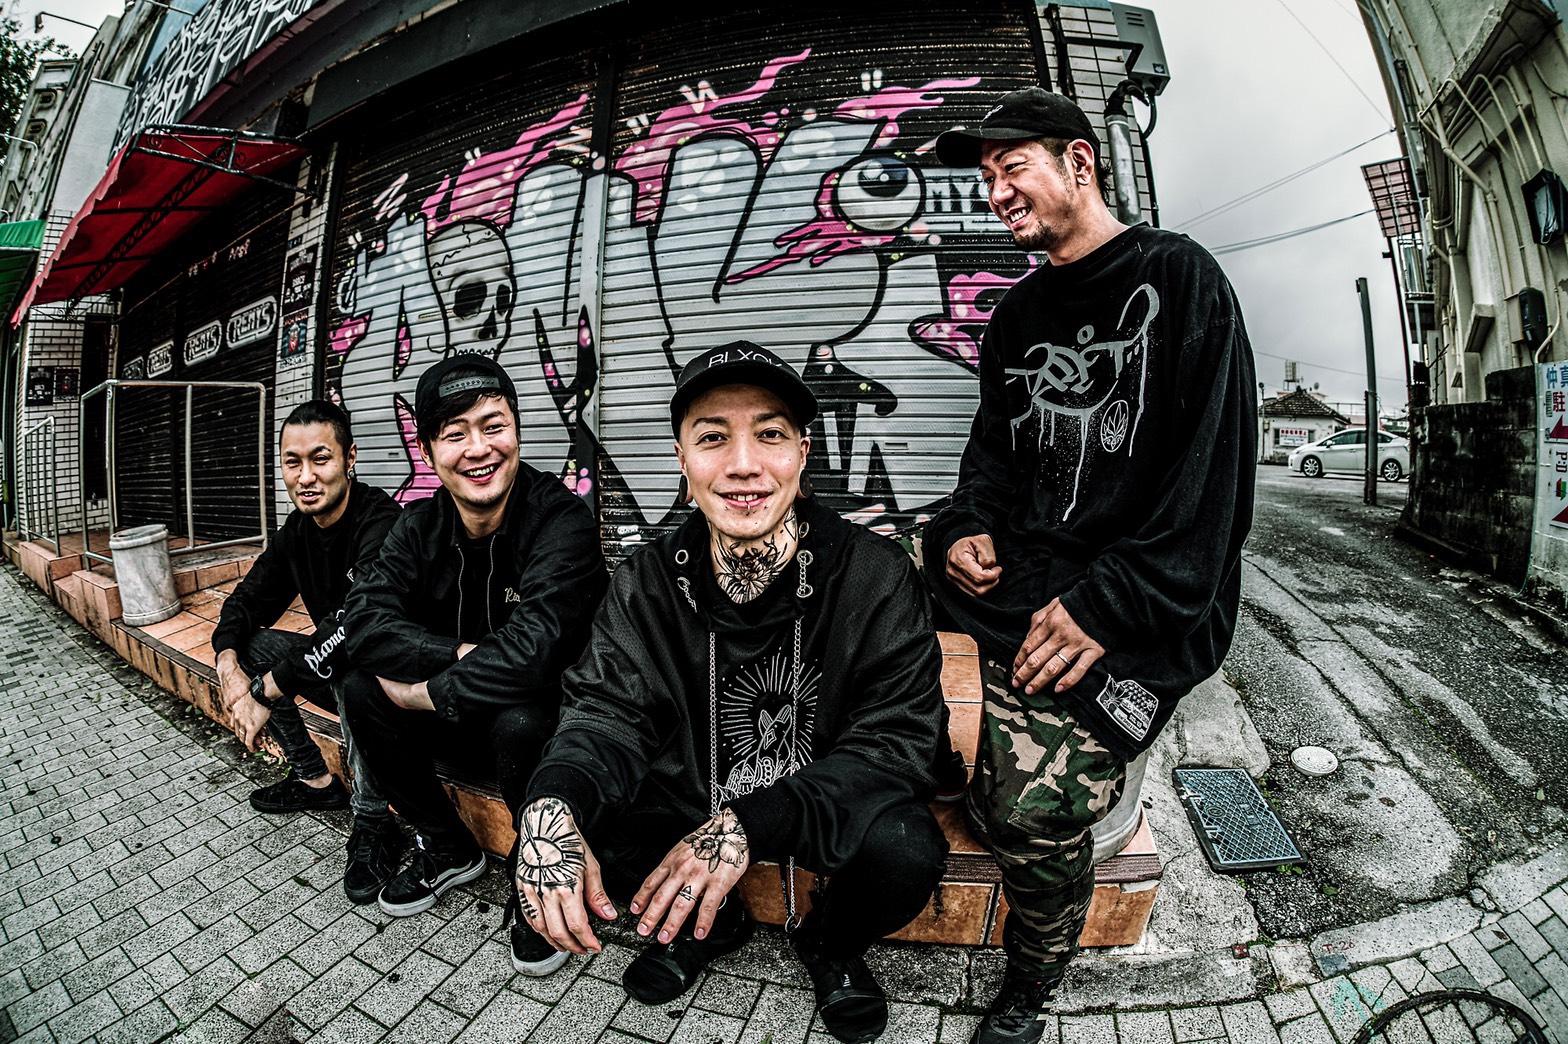 沖縄のロックバンドROACH、新作ミュージック・ビデオ「Get Free」公開サムネイル画像